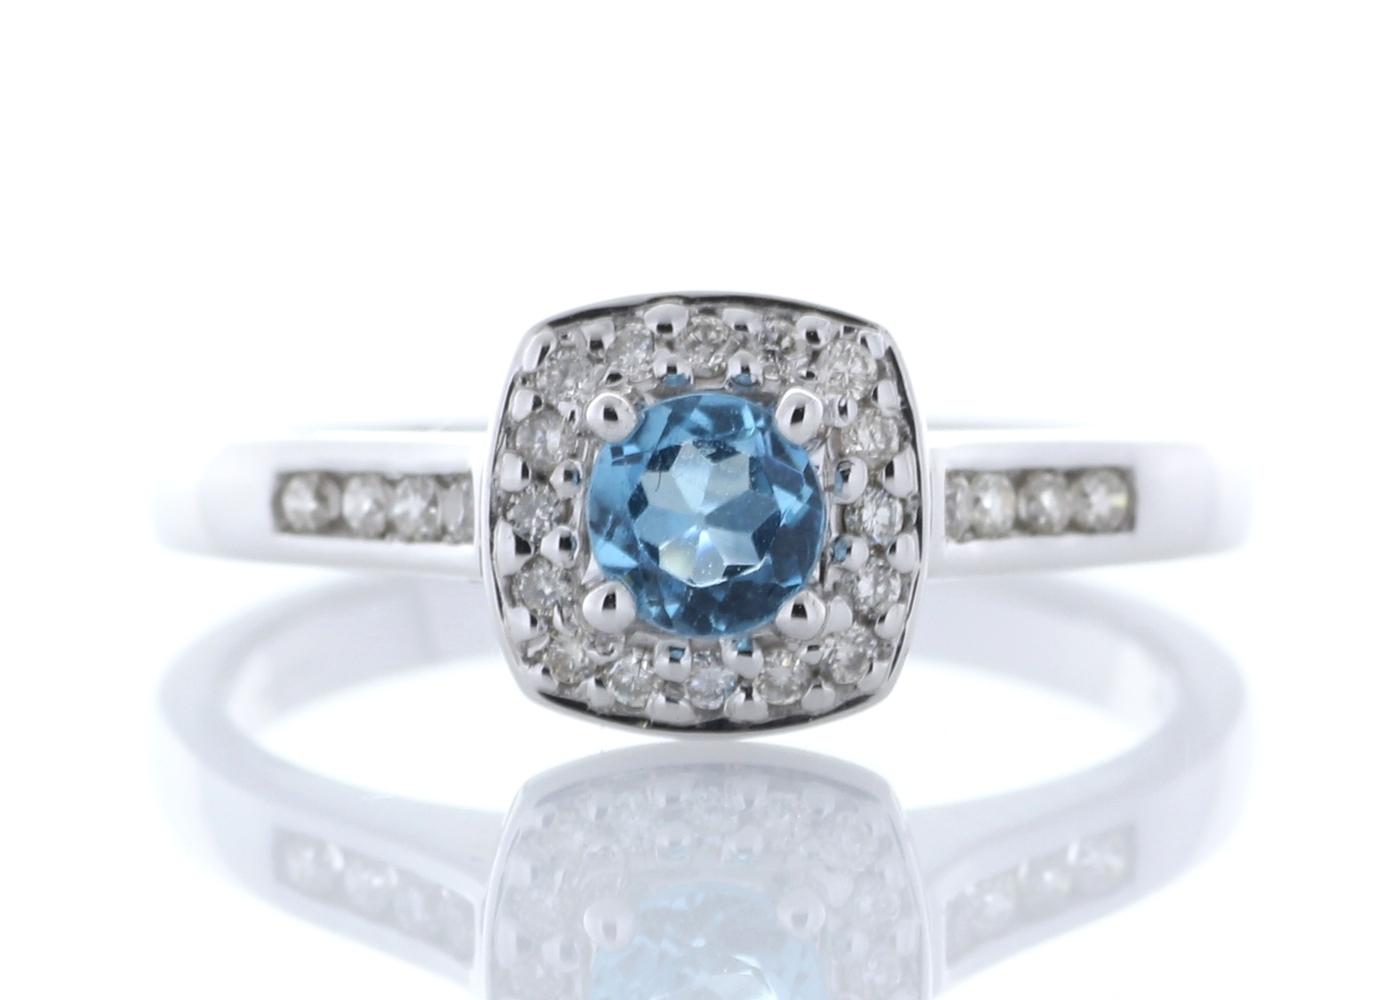 diamant und blauer topas 9 karat weiss gold haufen gruppe. Black Bedroom Furniture Sets. Home Design Ideas